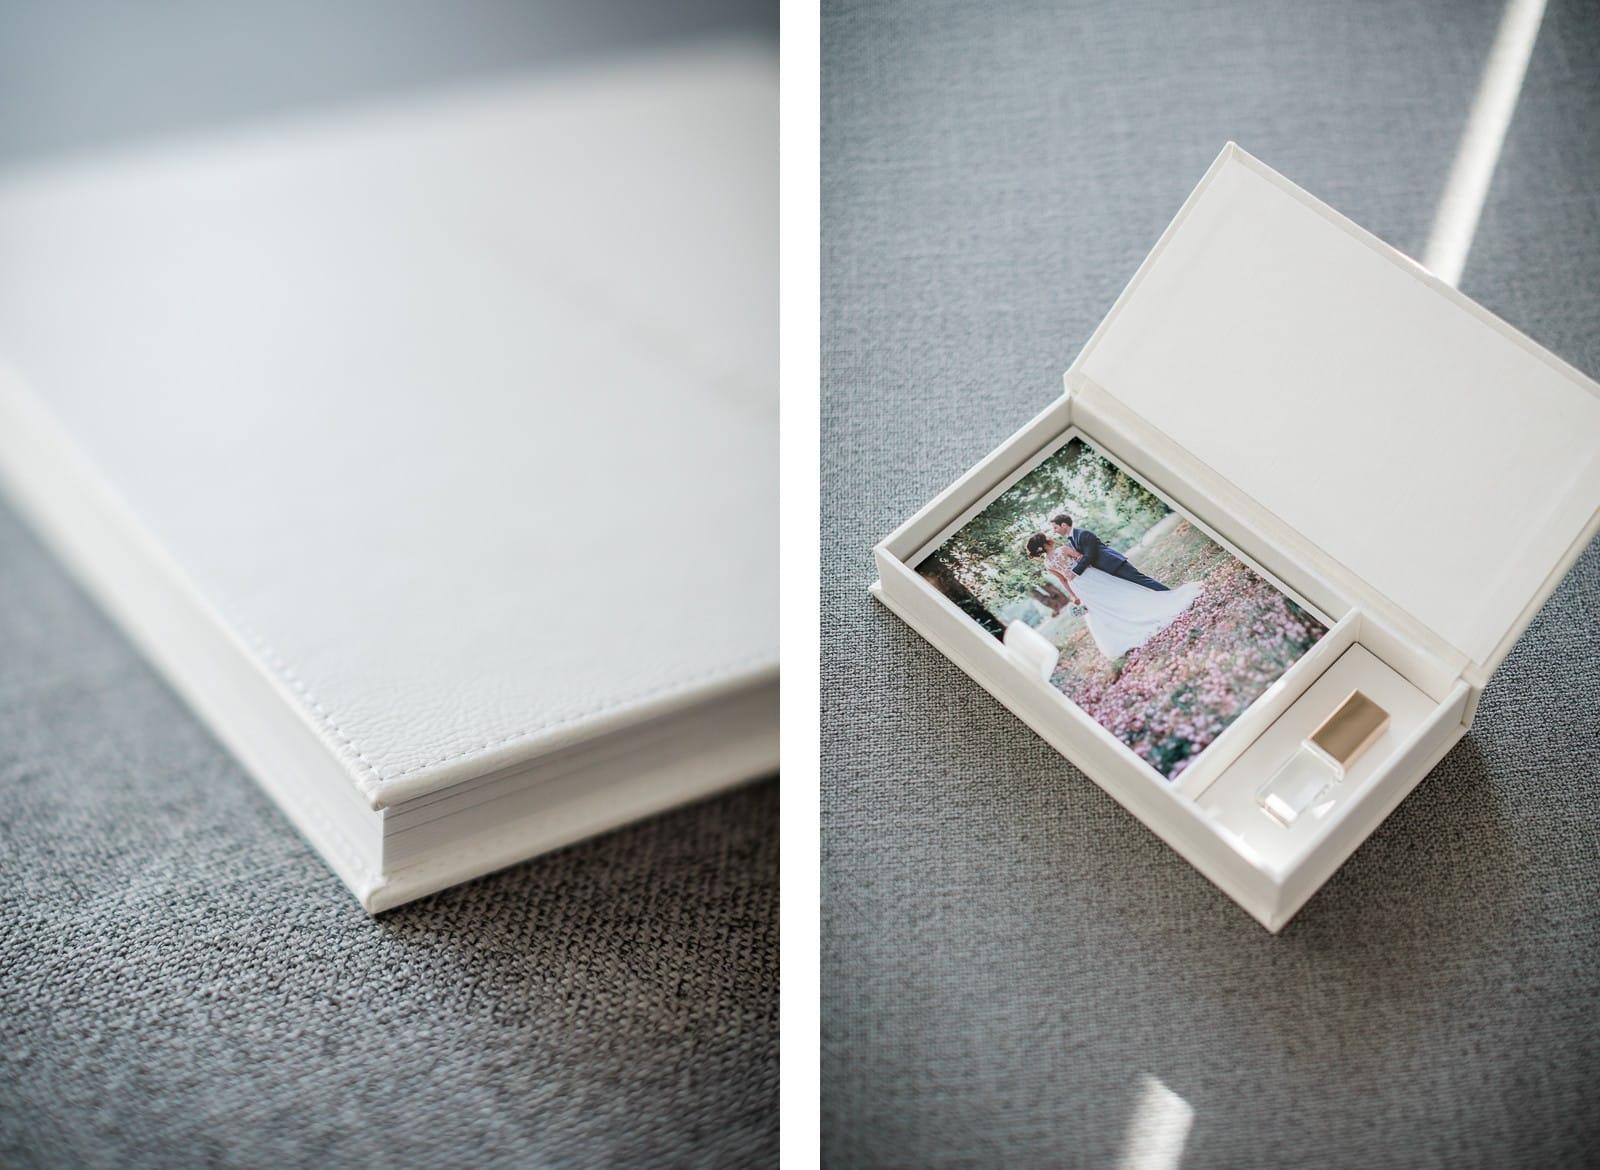 Photographie de Mathieu Dété, photographe de couple, présentant le livre photo haut de gamme et l'écrin USB de qualité